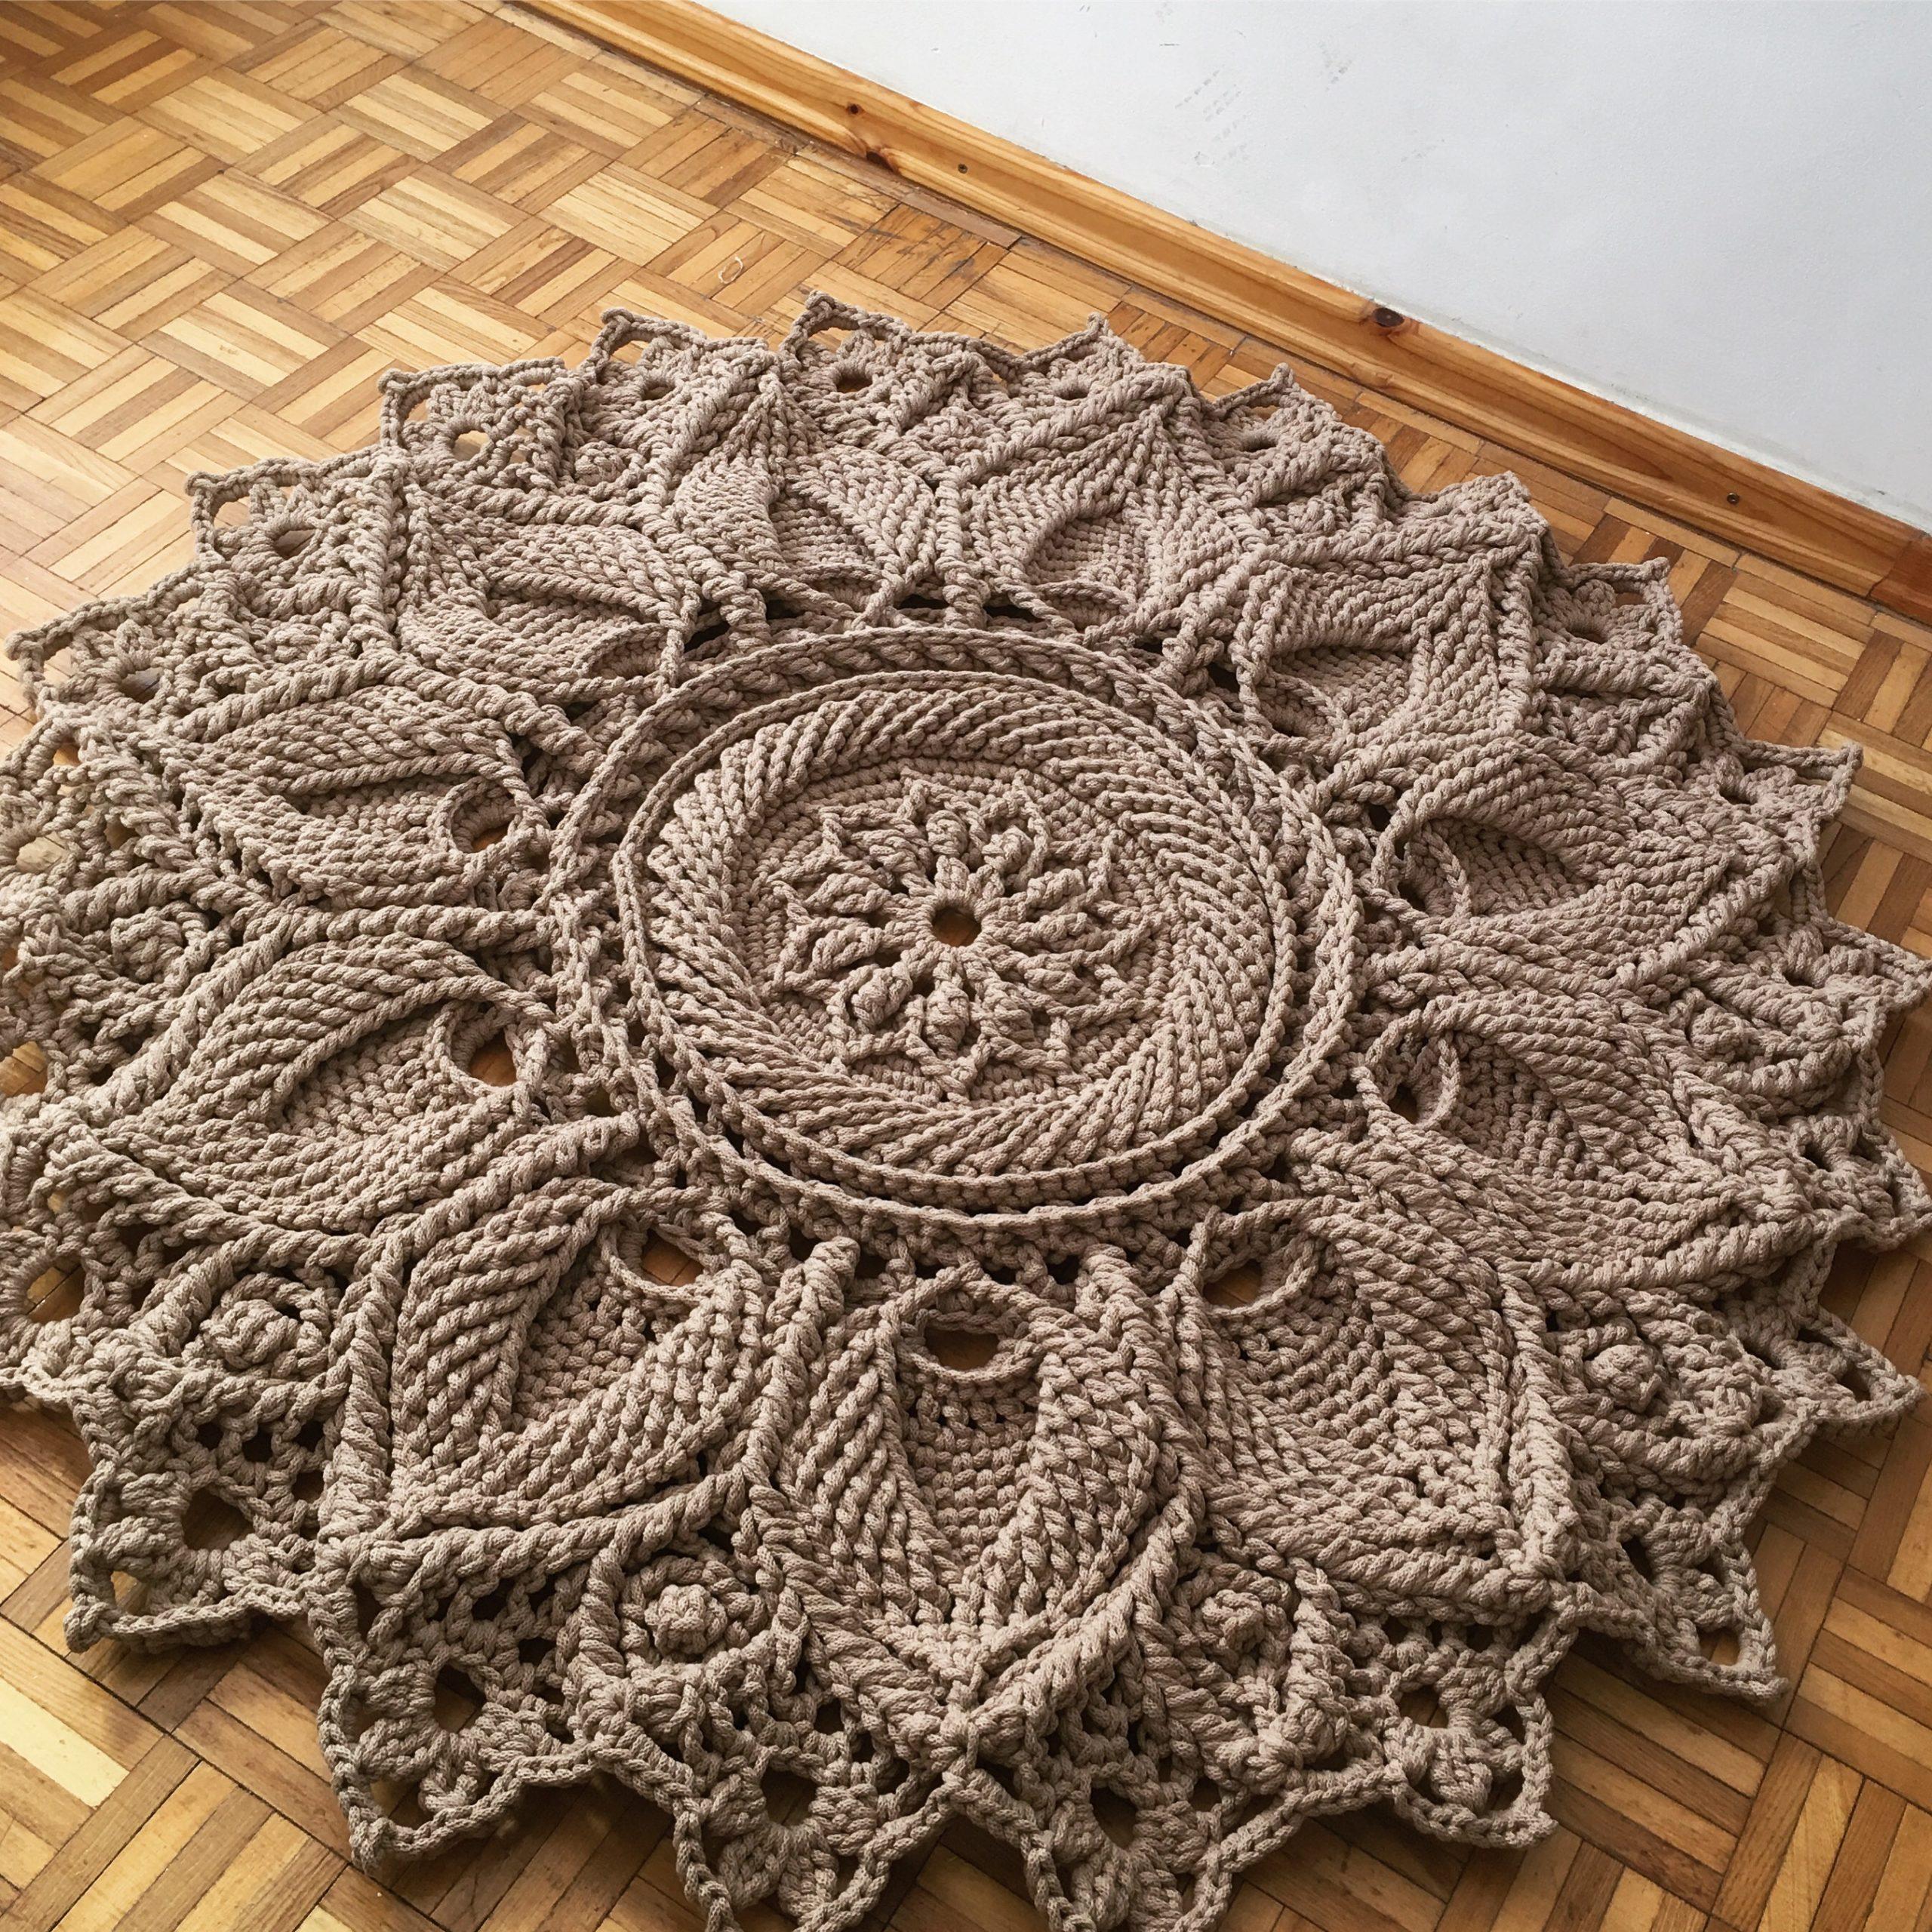 Dywan Ulita 3D Handmade ze sznurka bawełnianego w wybranym kolorze